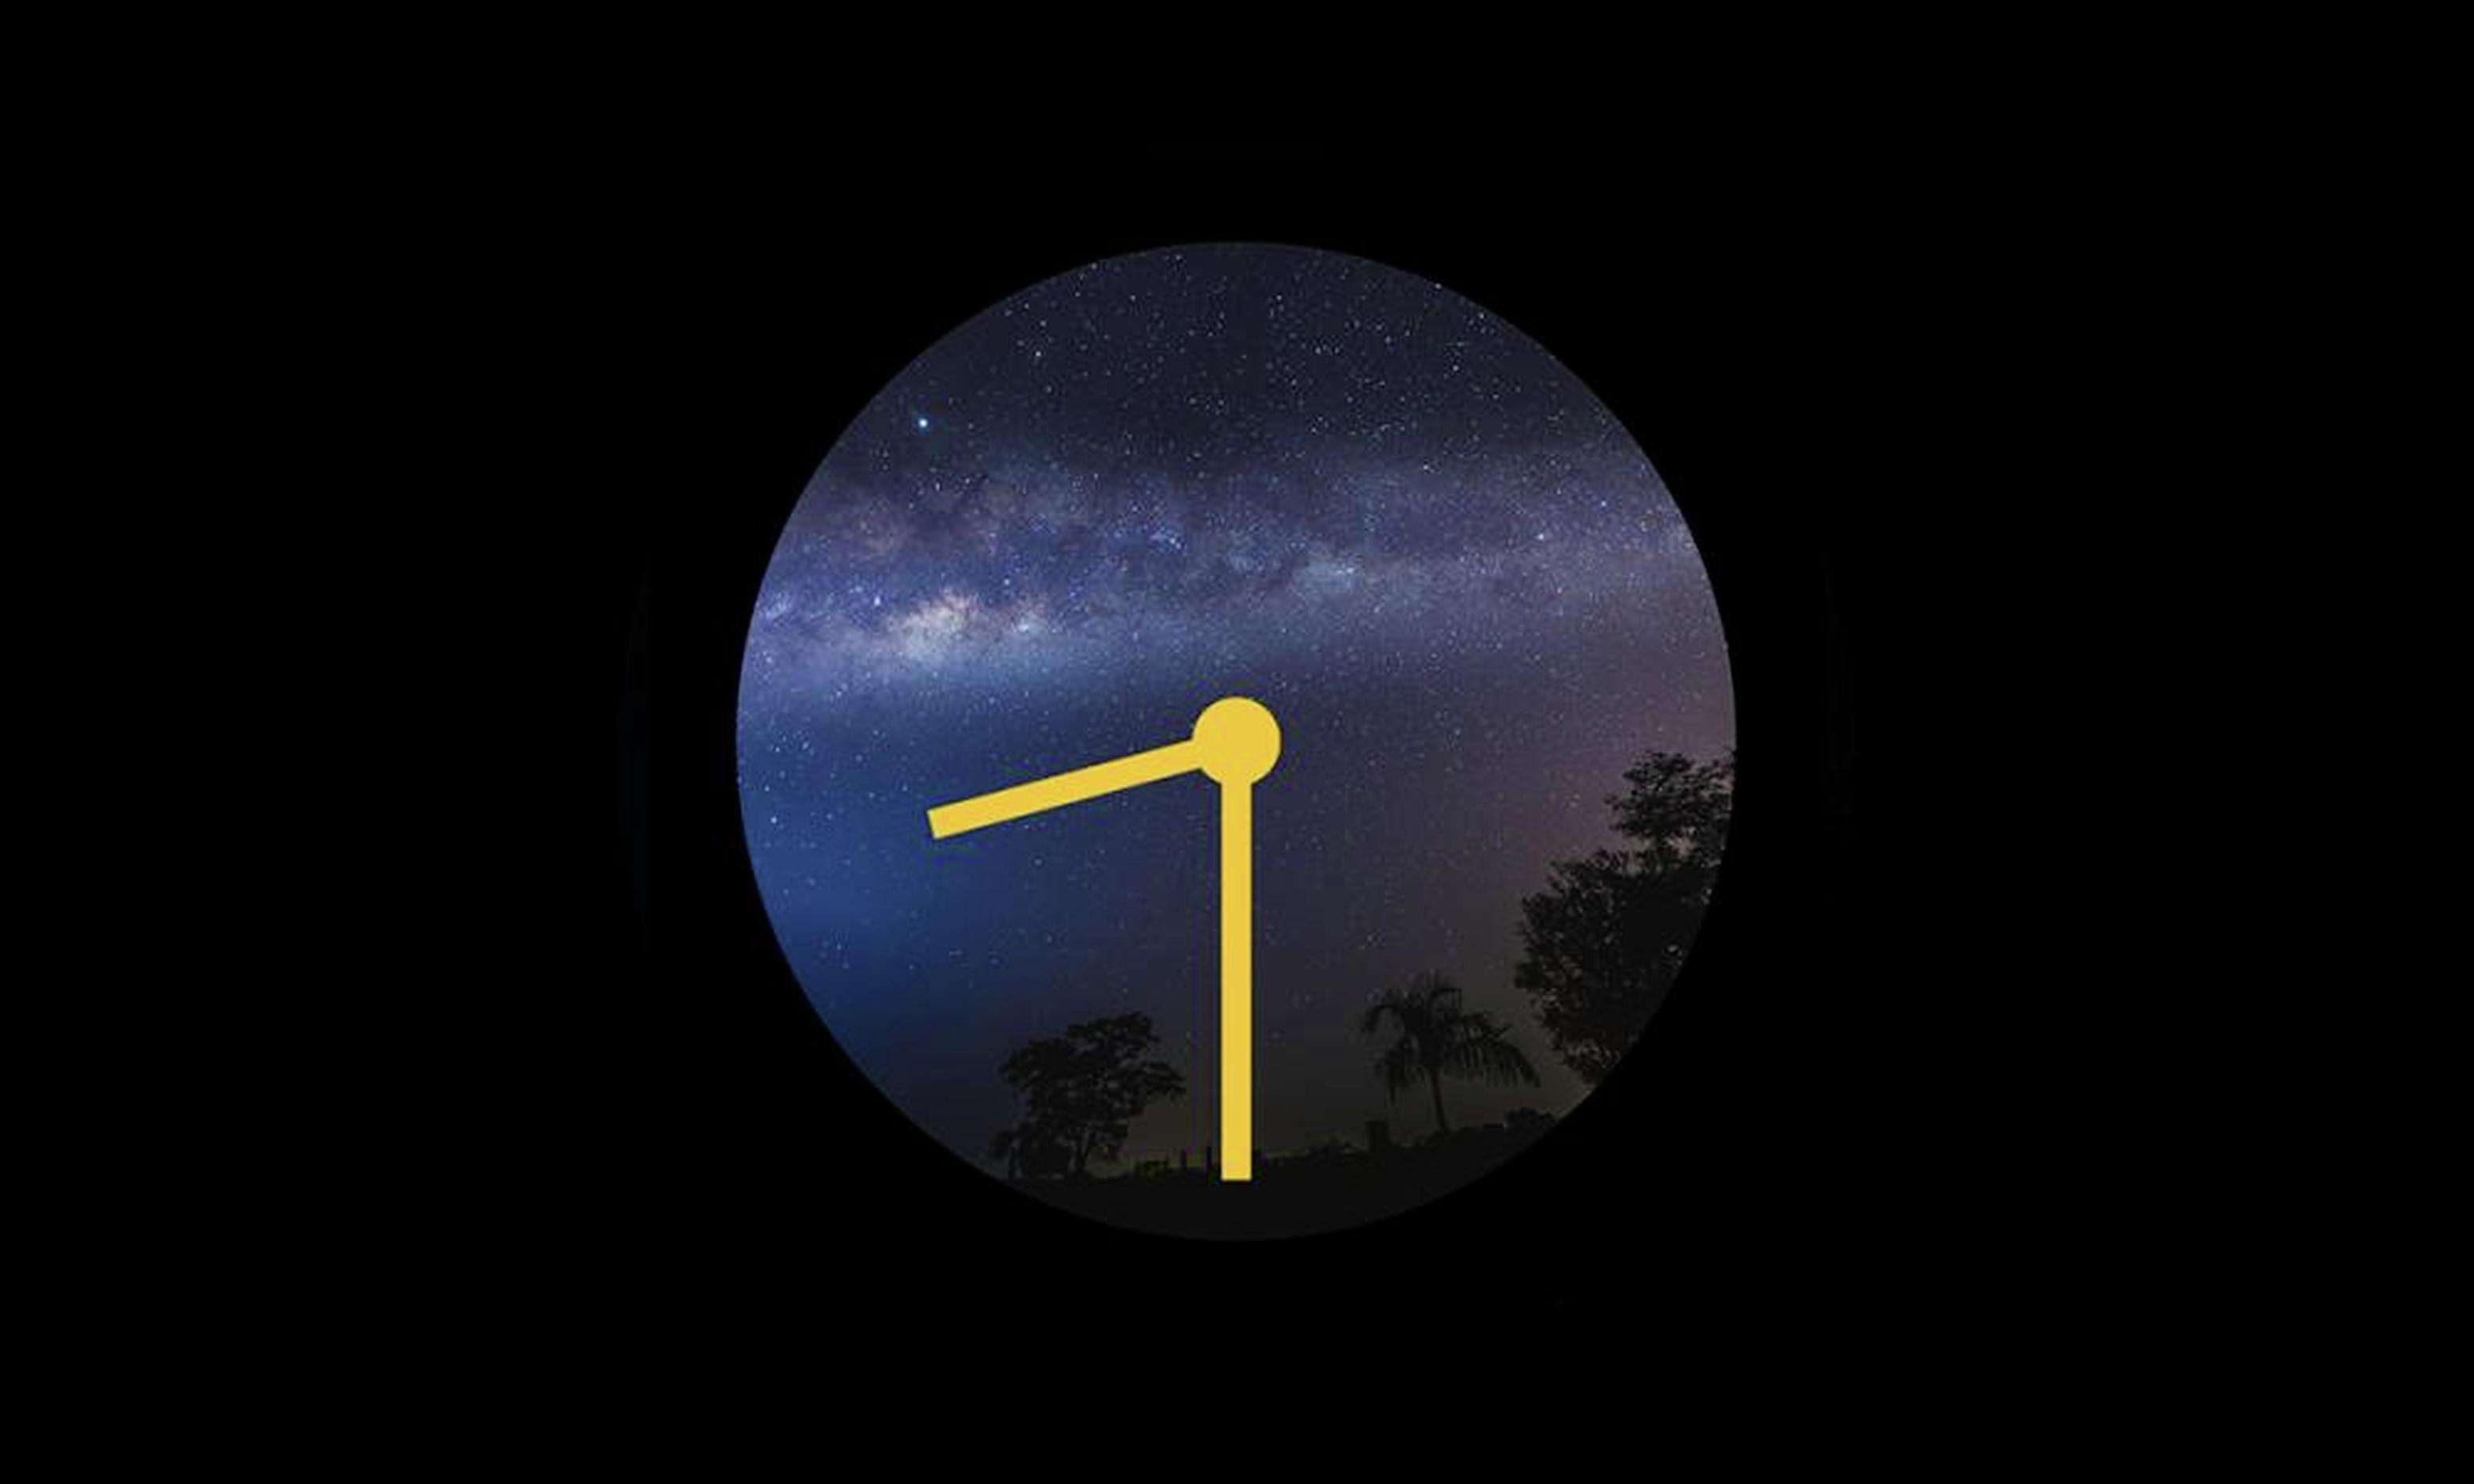 Dooft zaterdagavond het licht in Kennemerland? Doe jij vanaf half negen mee aan de actie Earth Hour?